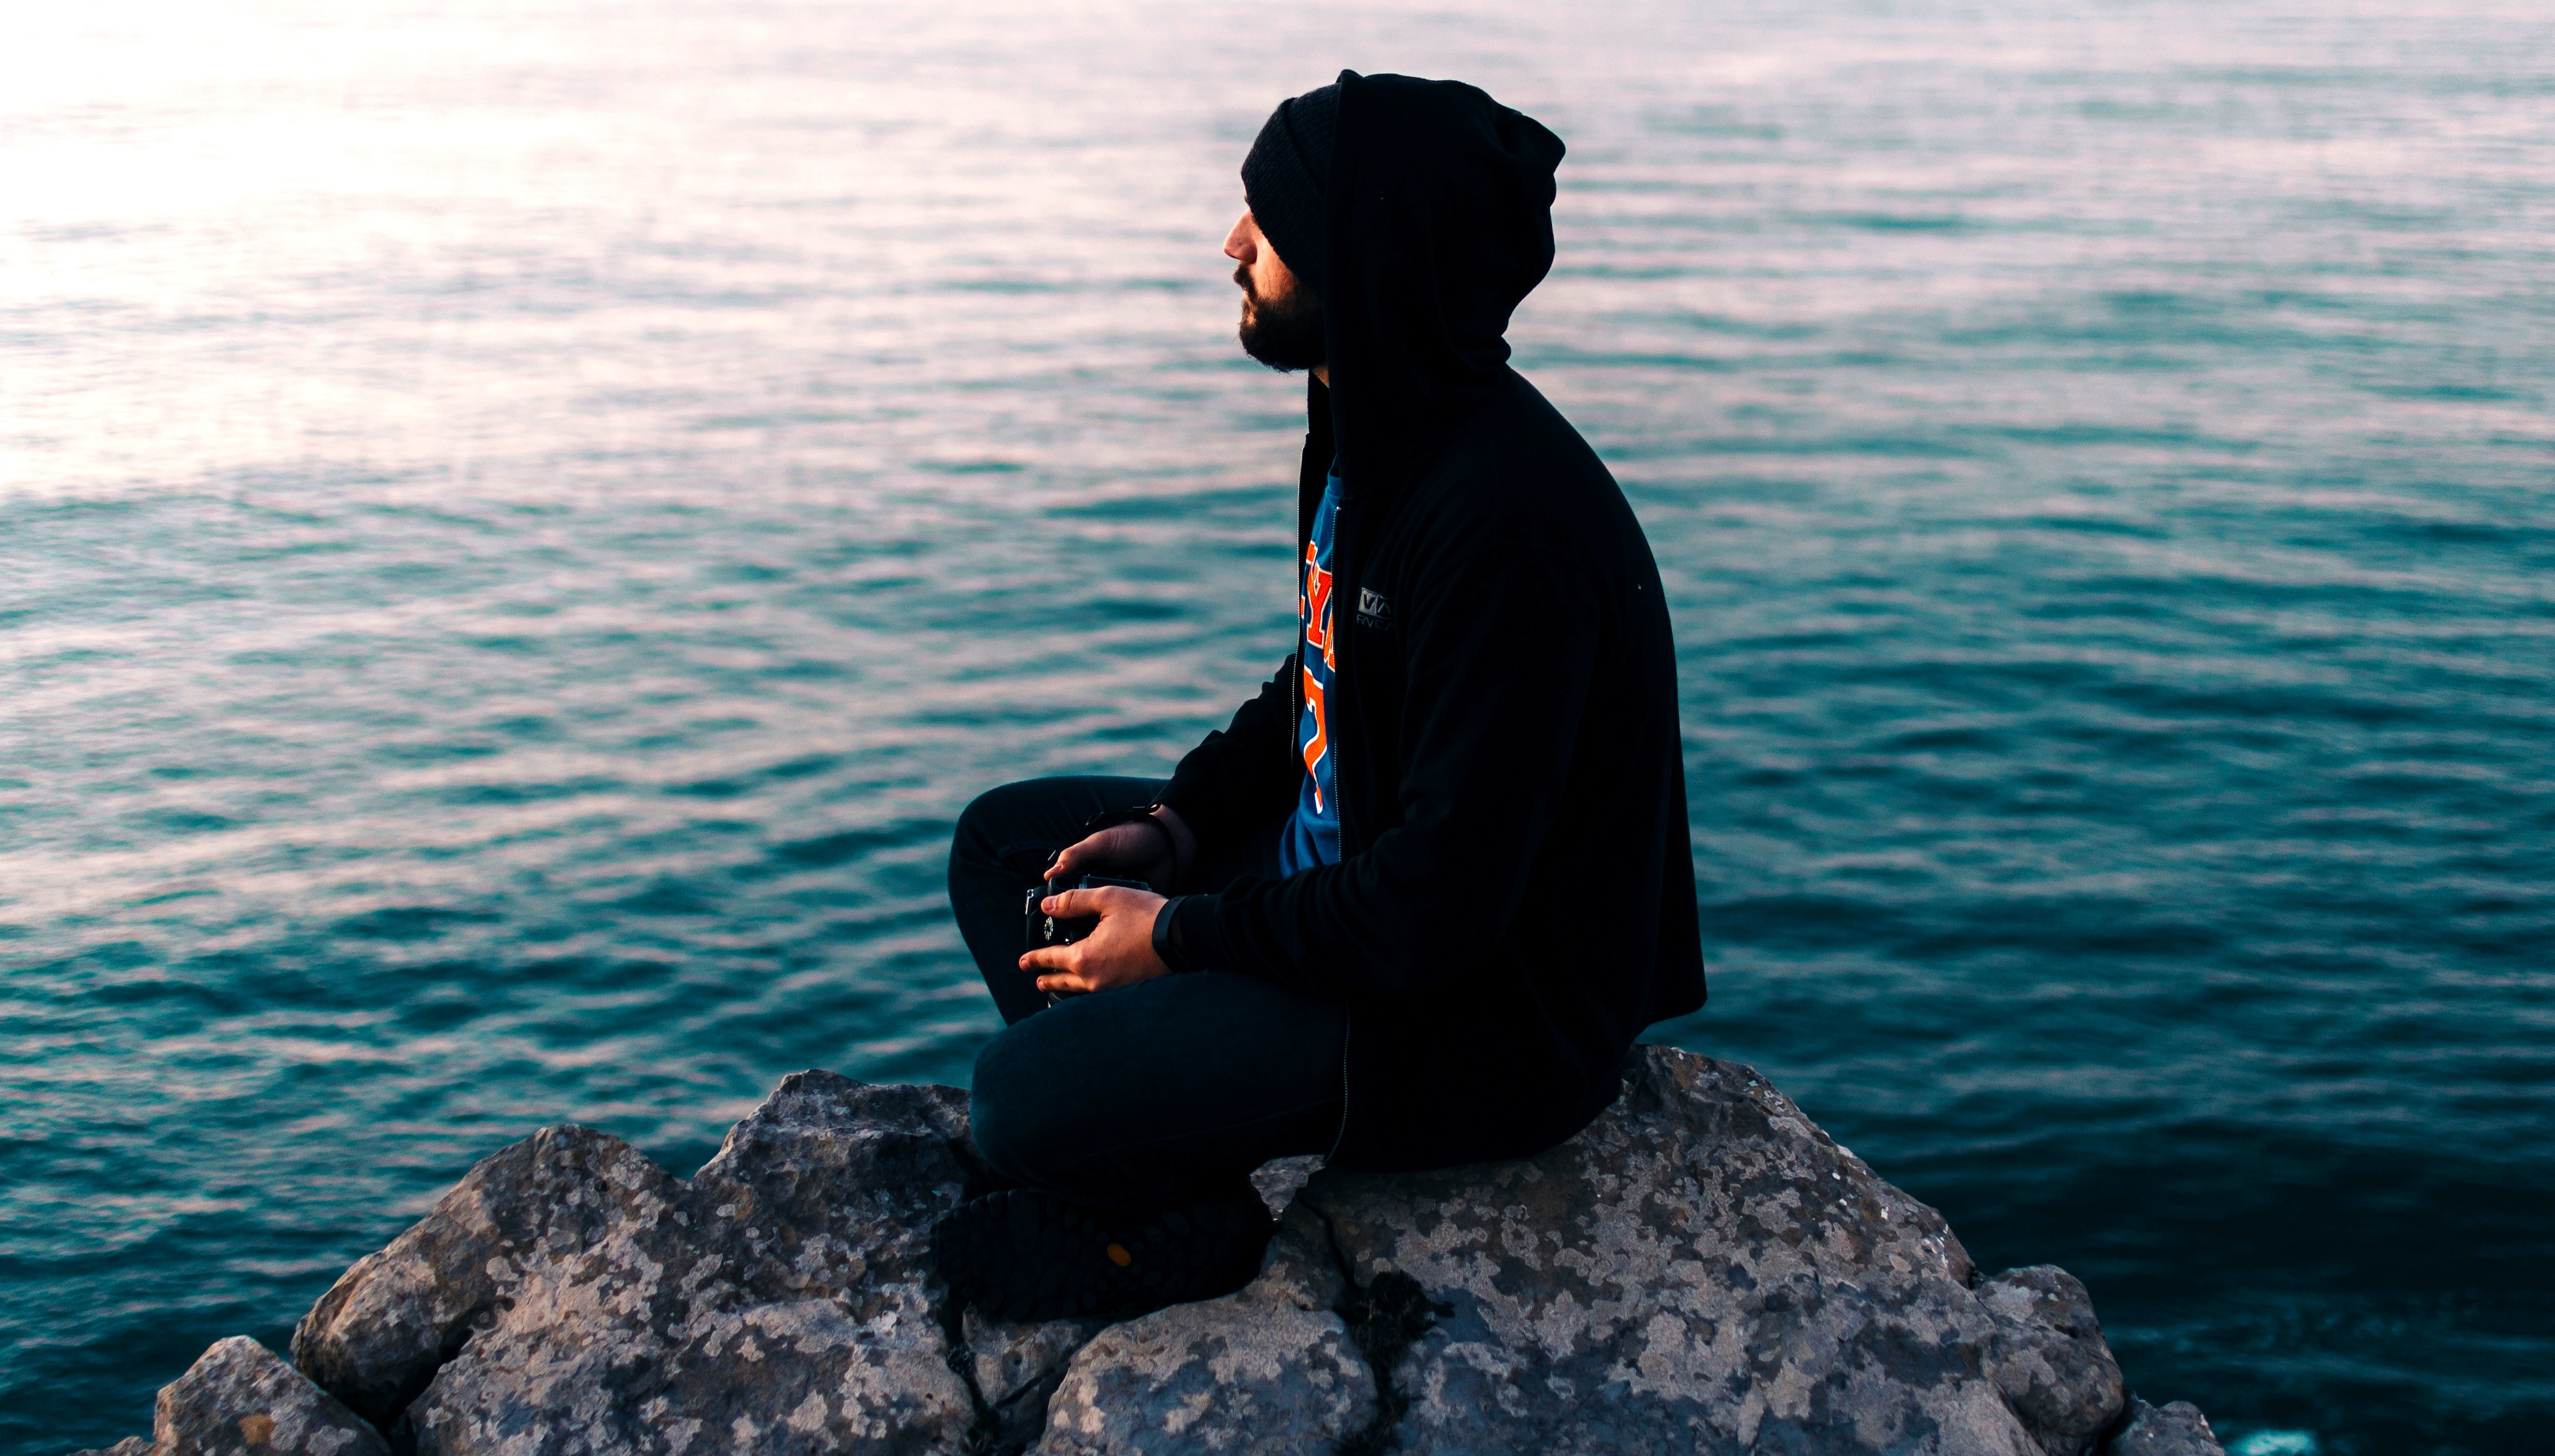 Hoe leer je naar jezelf te luisteren? De antwoorden zitten in jezelf.